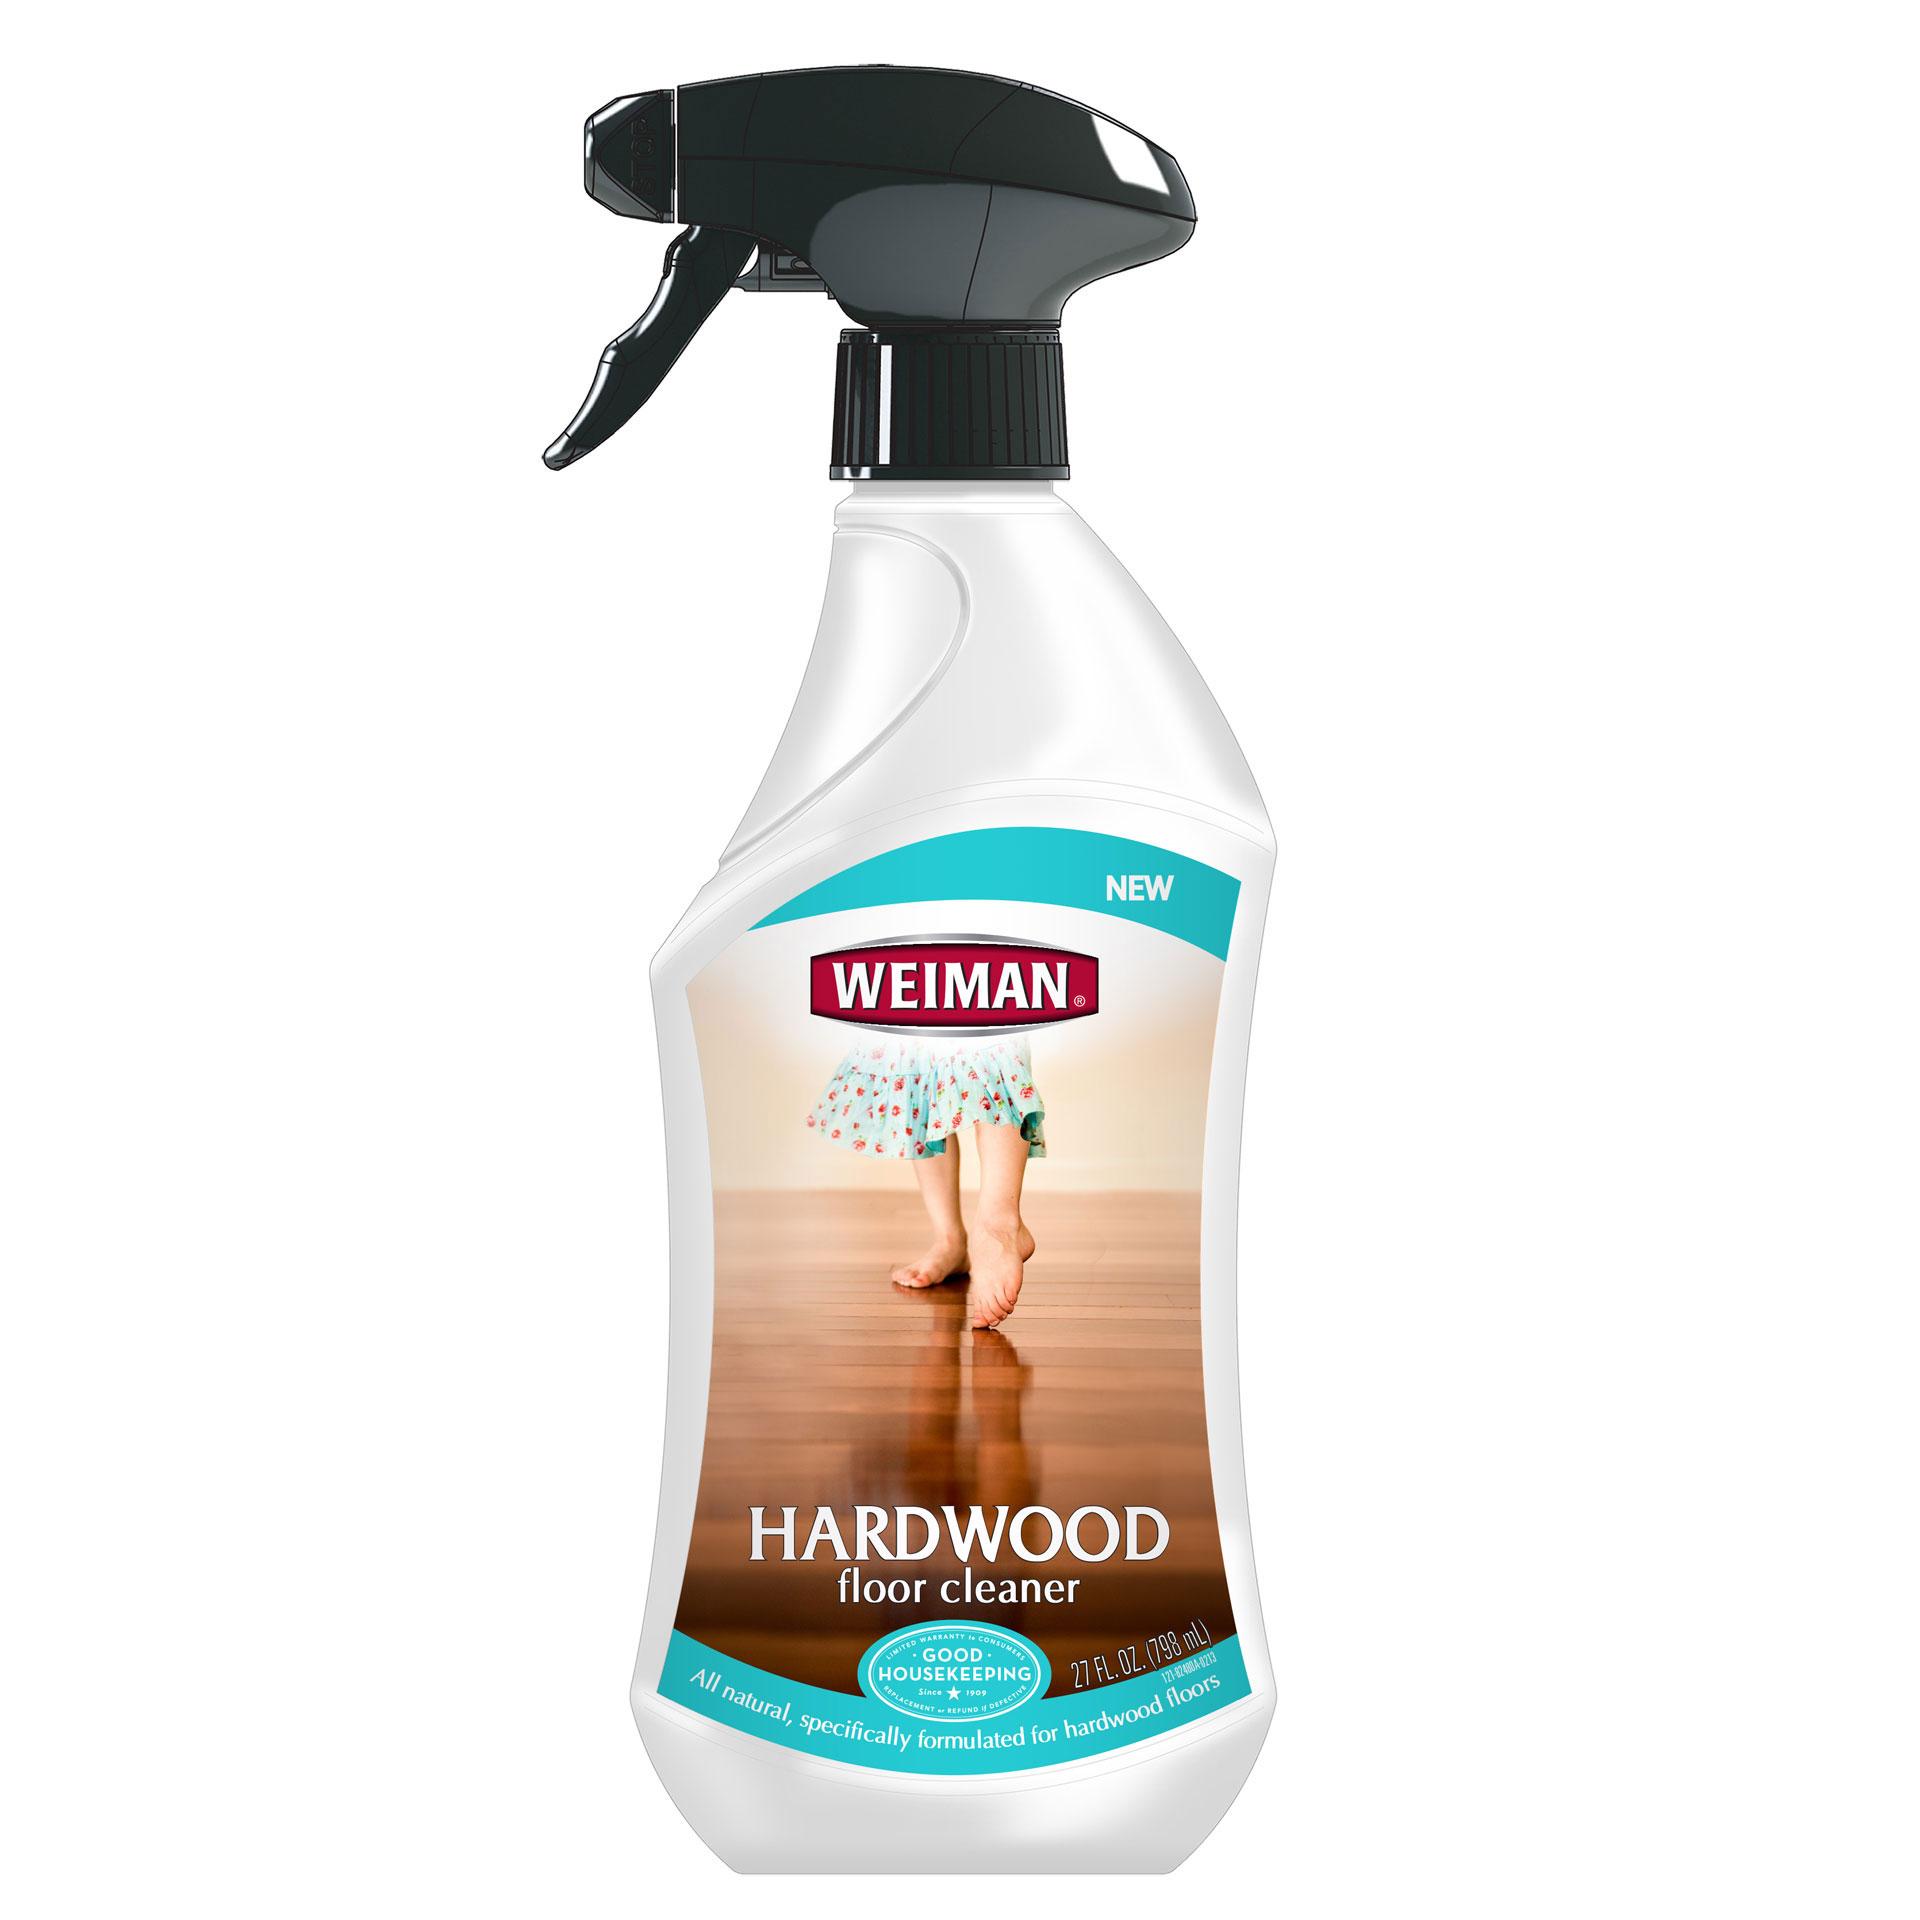 Weiman Hardwood Floor Cleaner Review